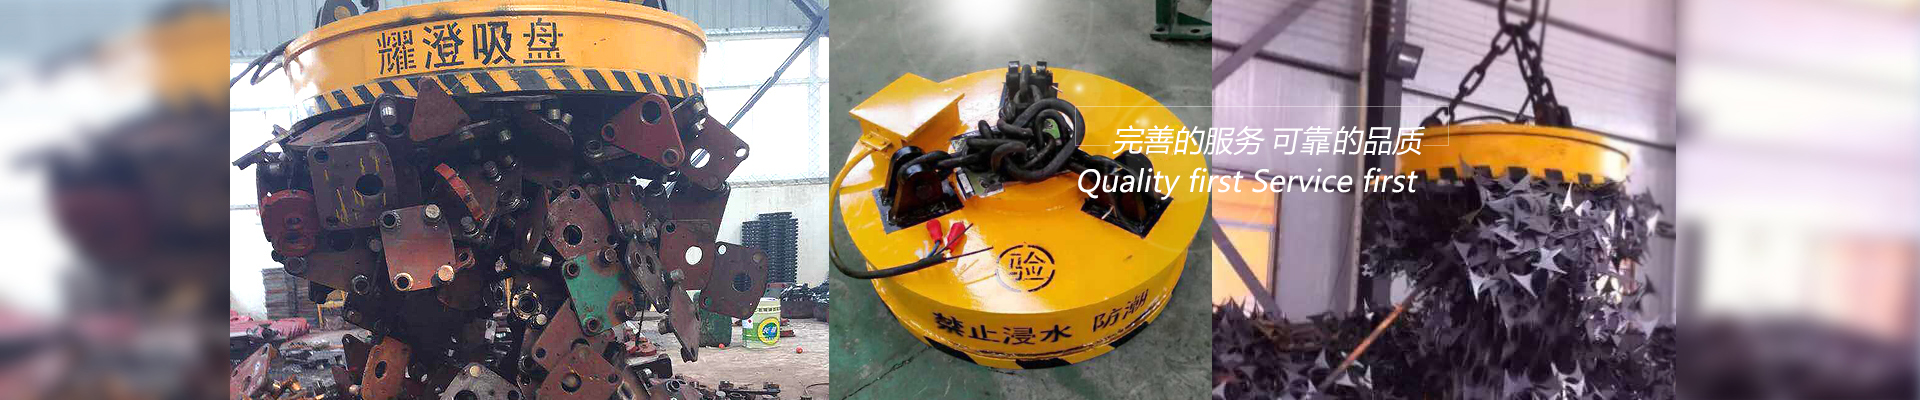 河南省耀澄机电设备有限公司